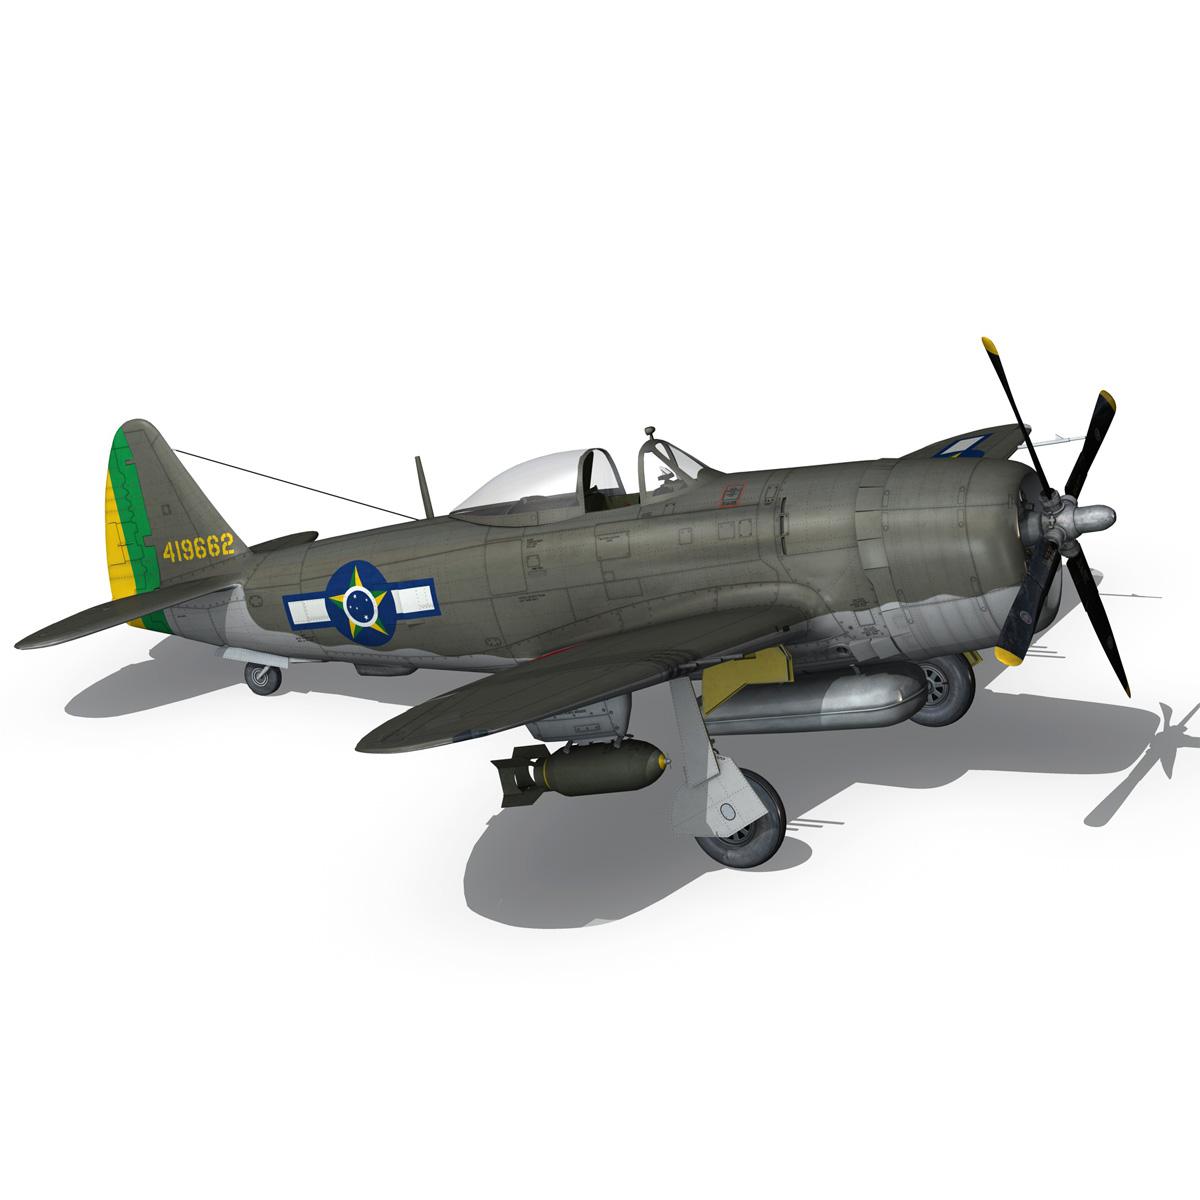 republic p-47d thunderbolt – brazilian air force 3d model lwo lw lws obj c4d fbx 266606